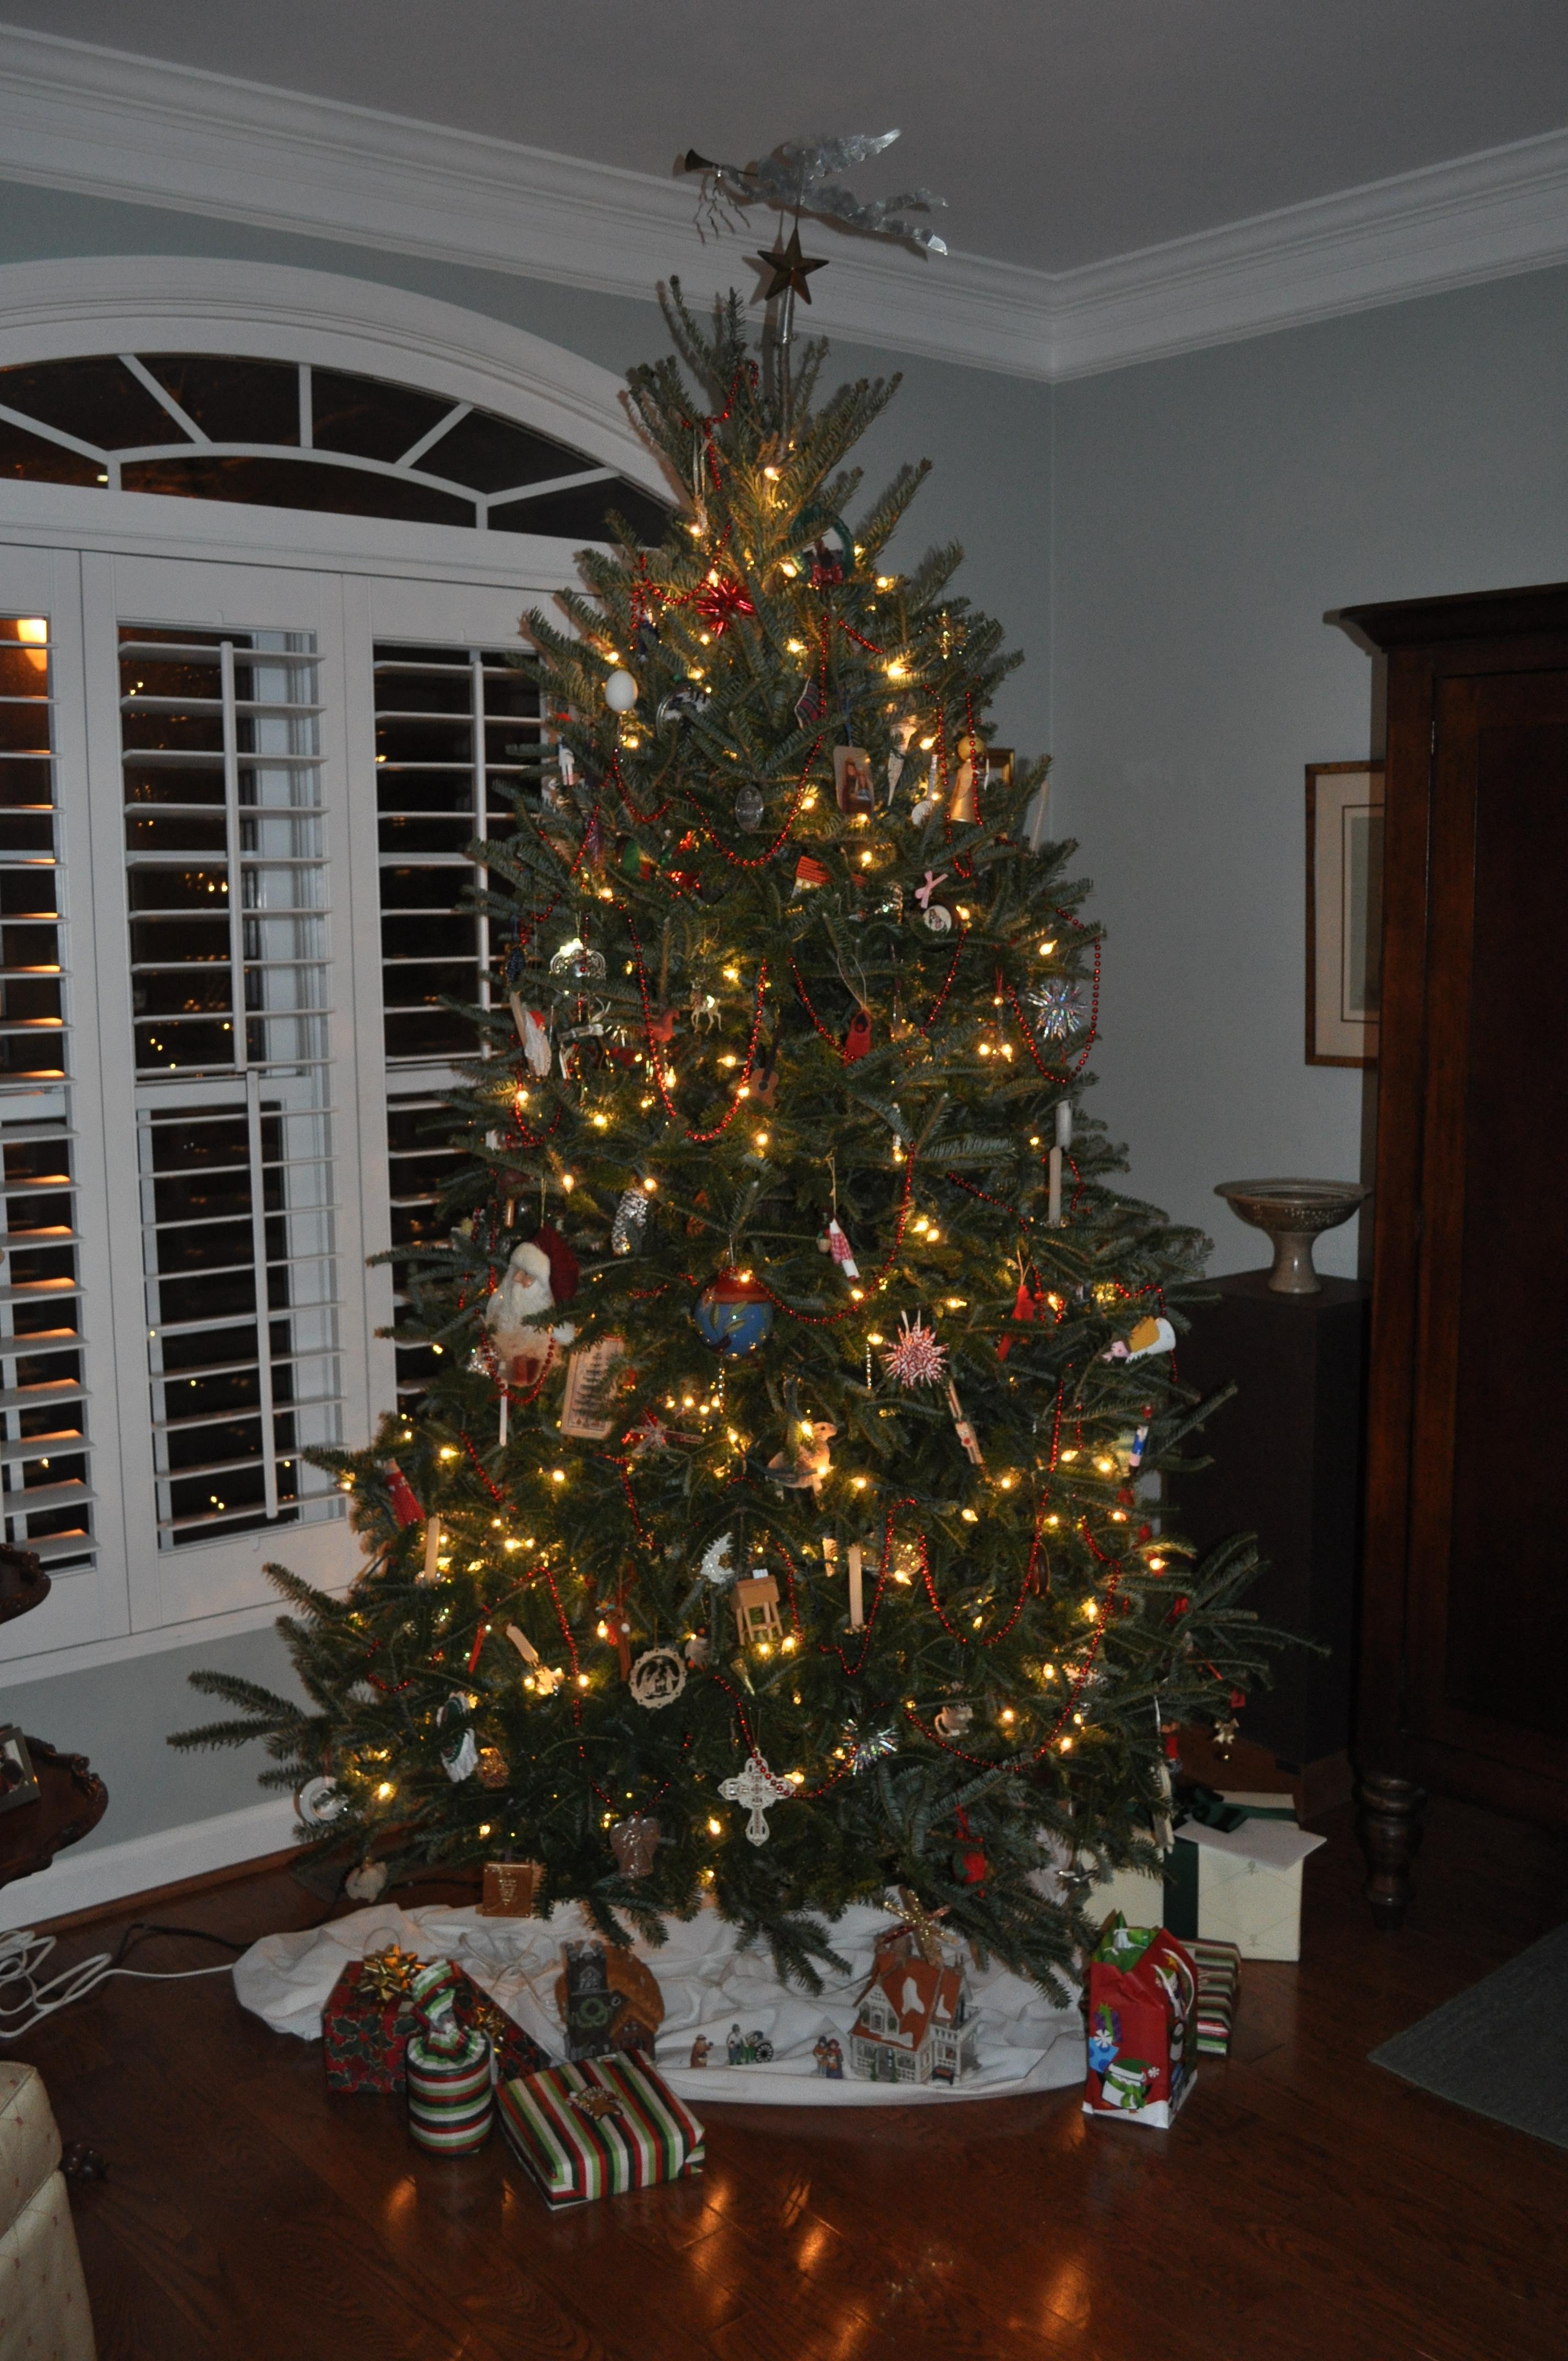 Christmas More To Come